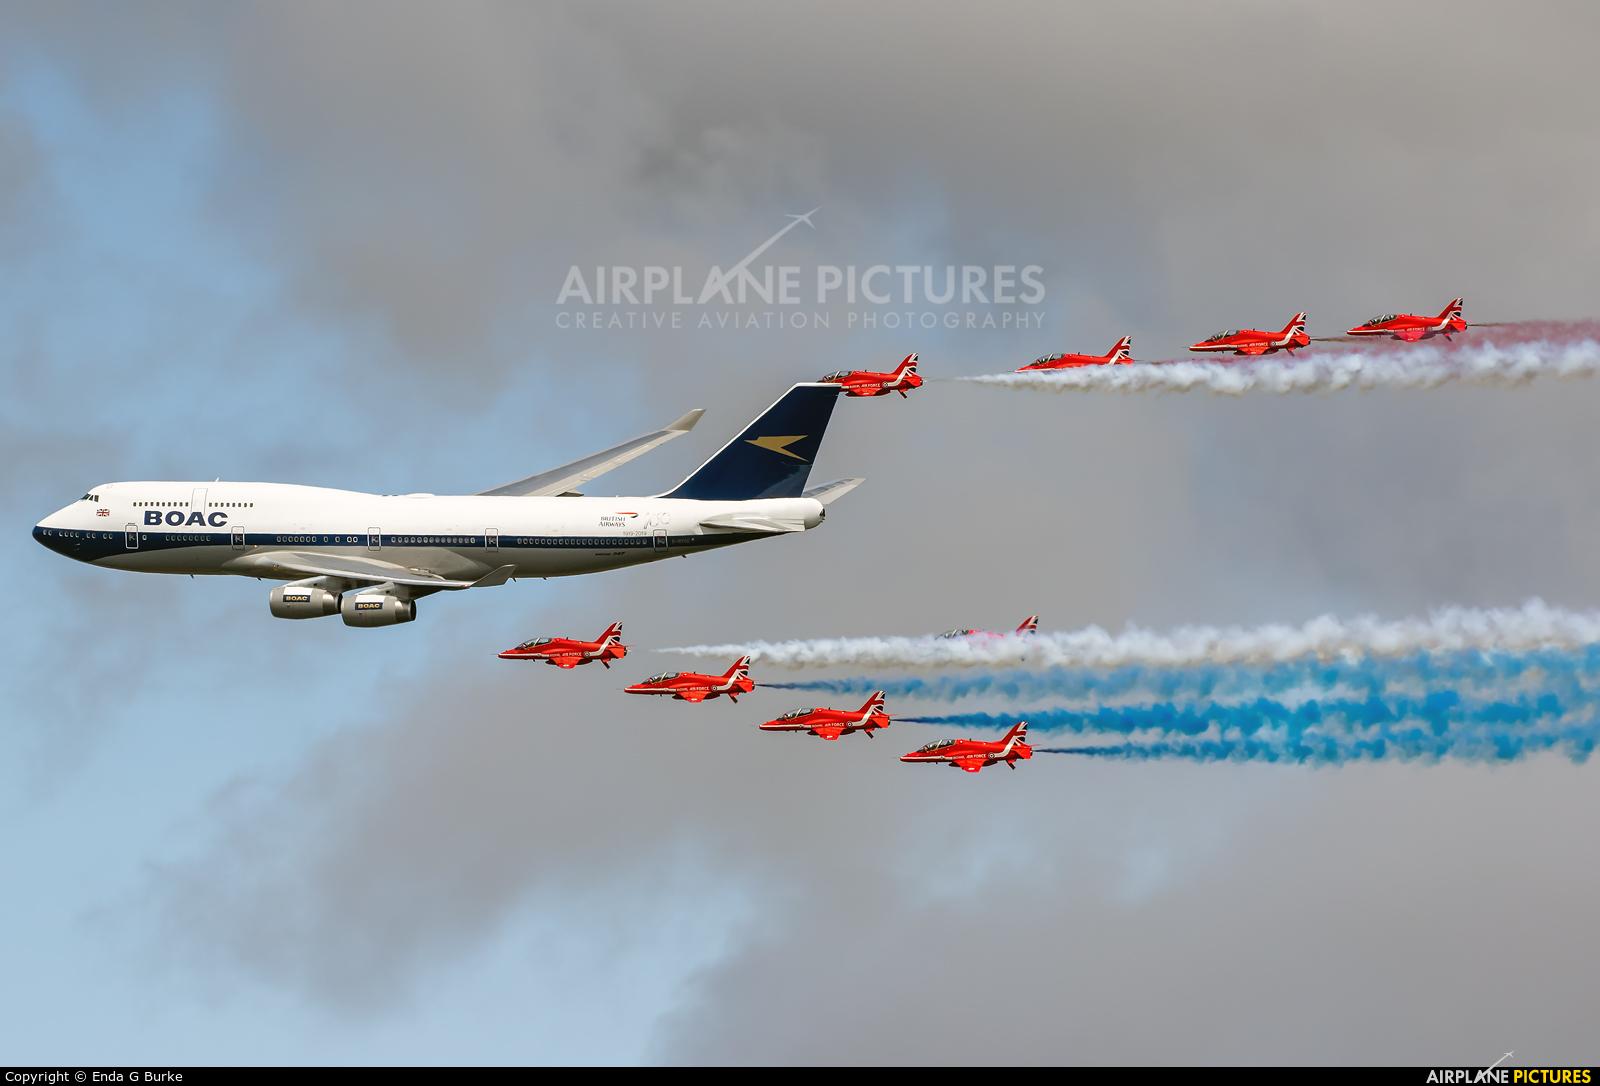 British Airways G-BYGC aircraft at Fairford